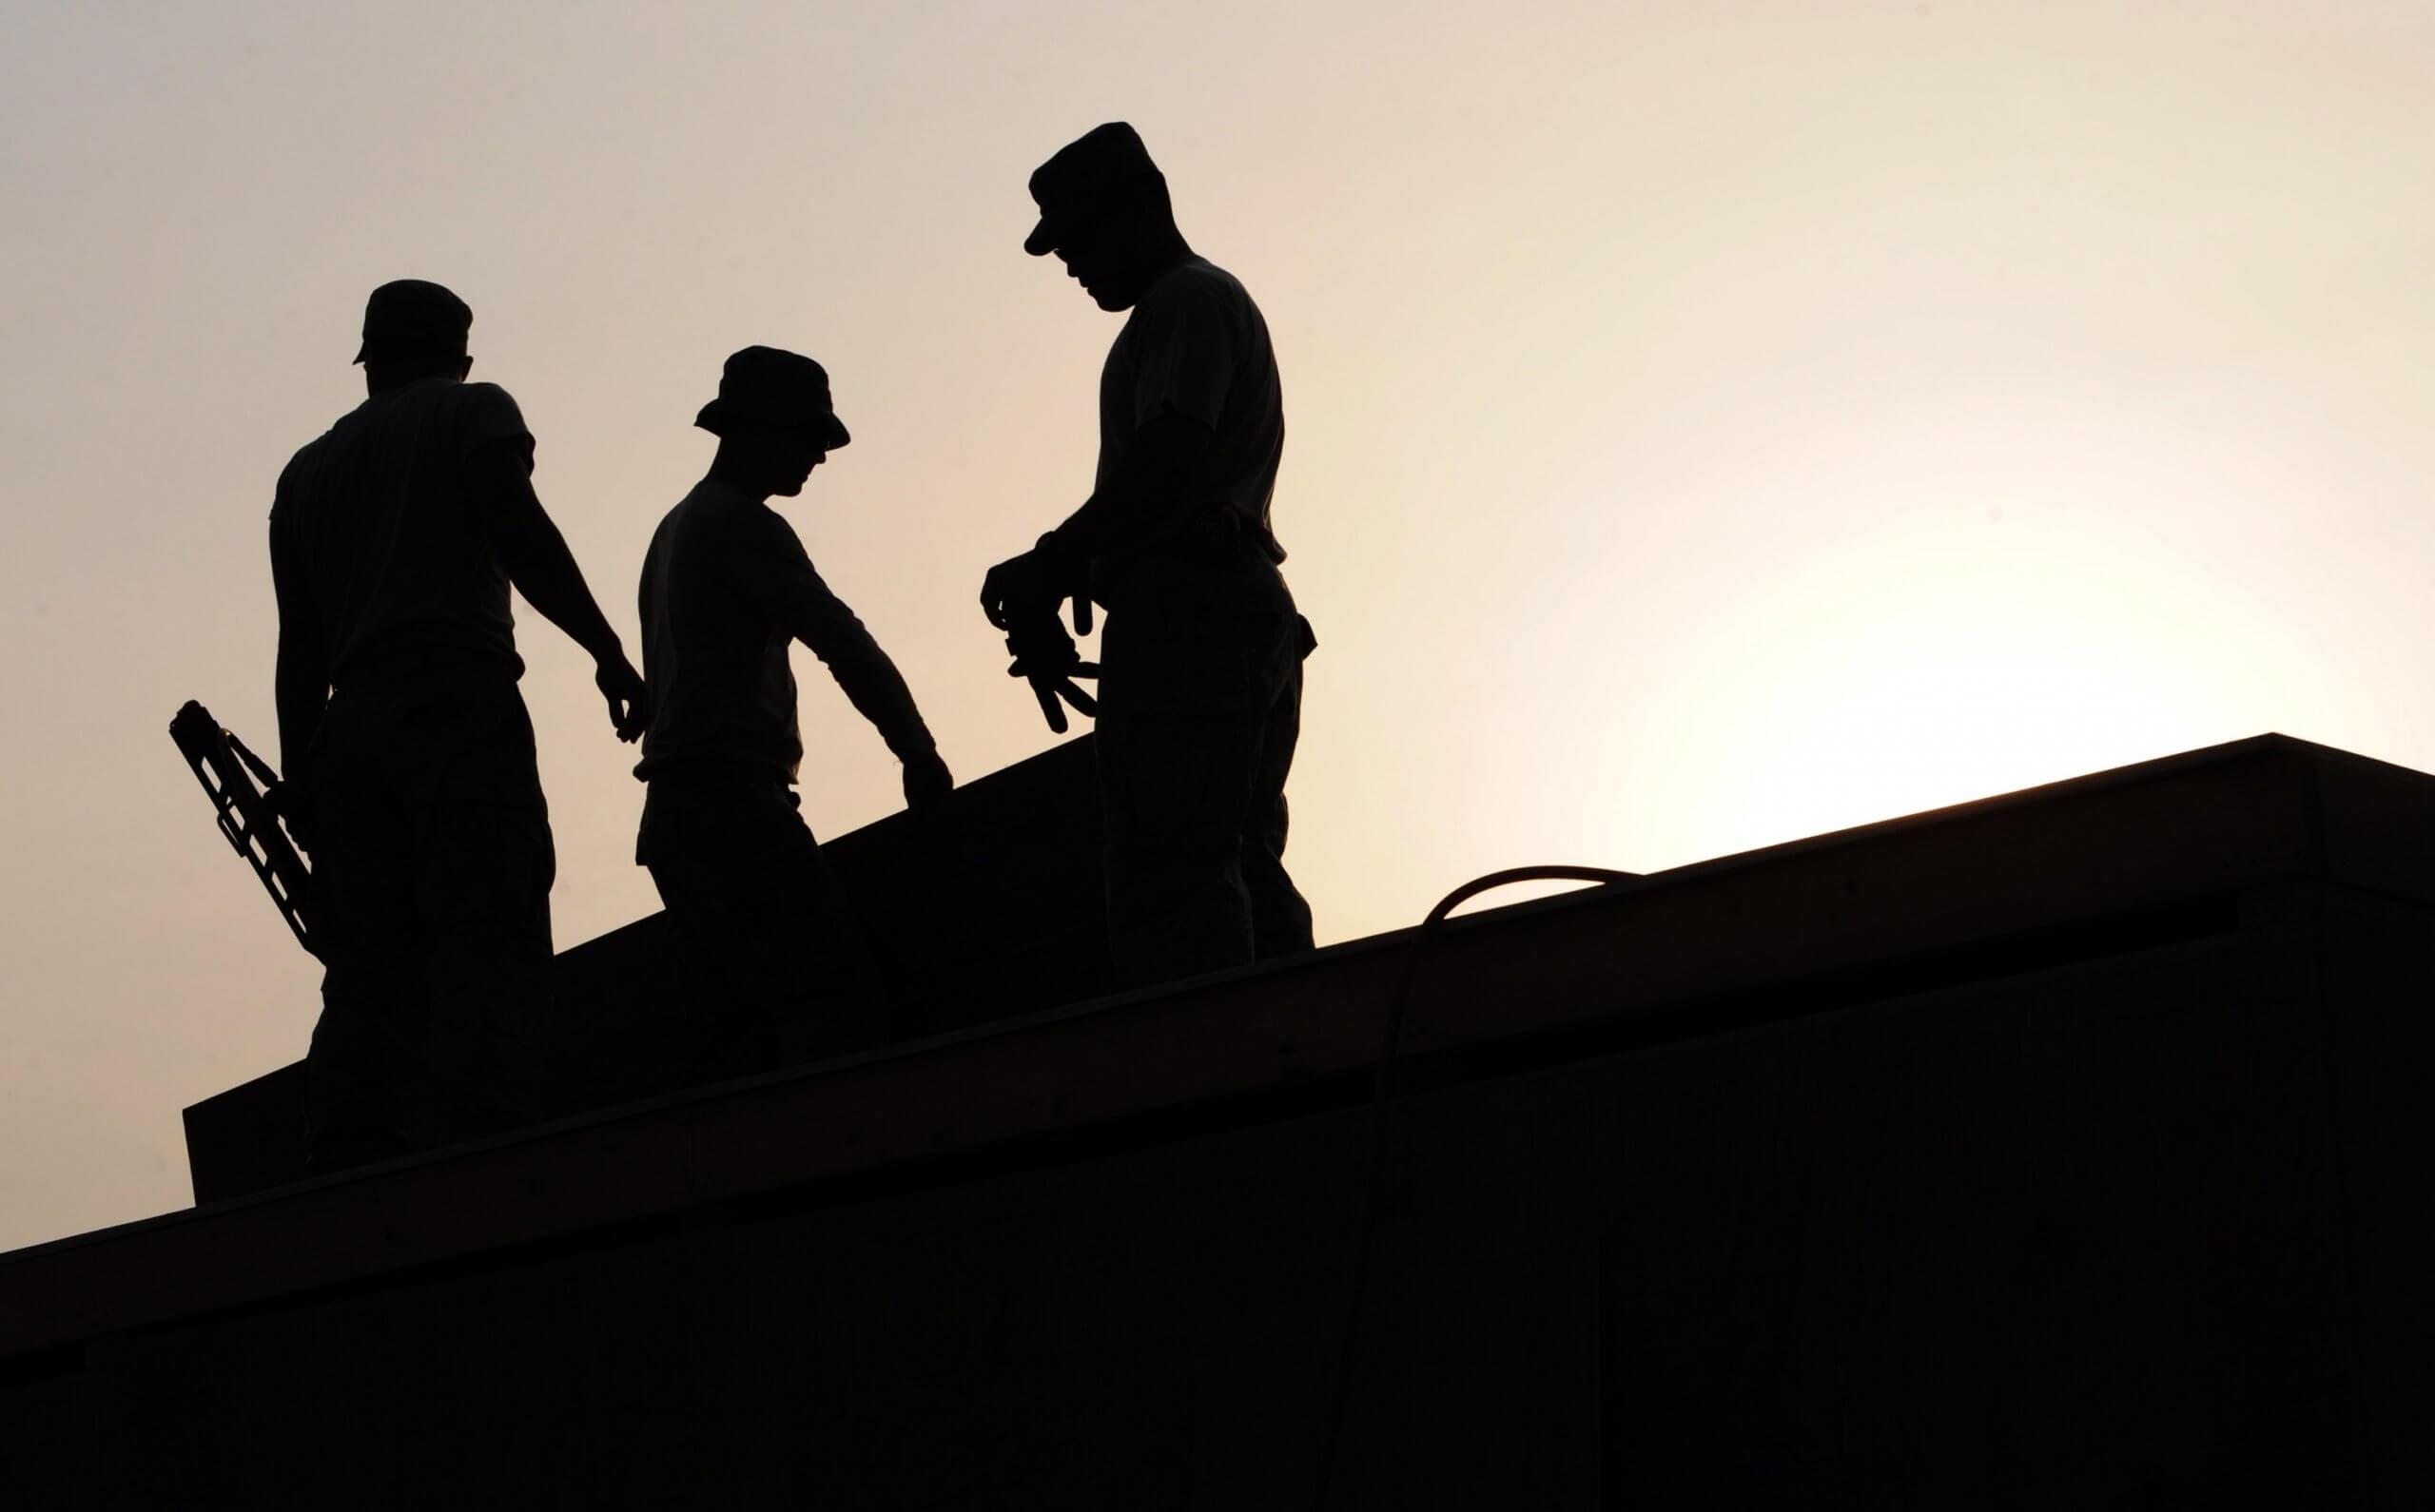 Građevinari u problemu: Nemaju dovoljno radne snage, zapošljavat će sve više stranaca